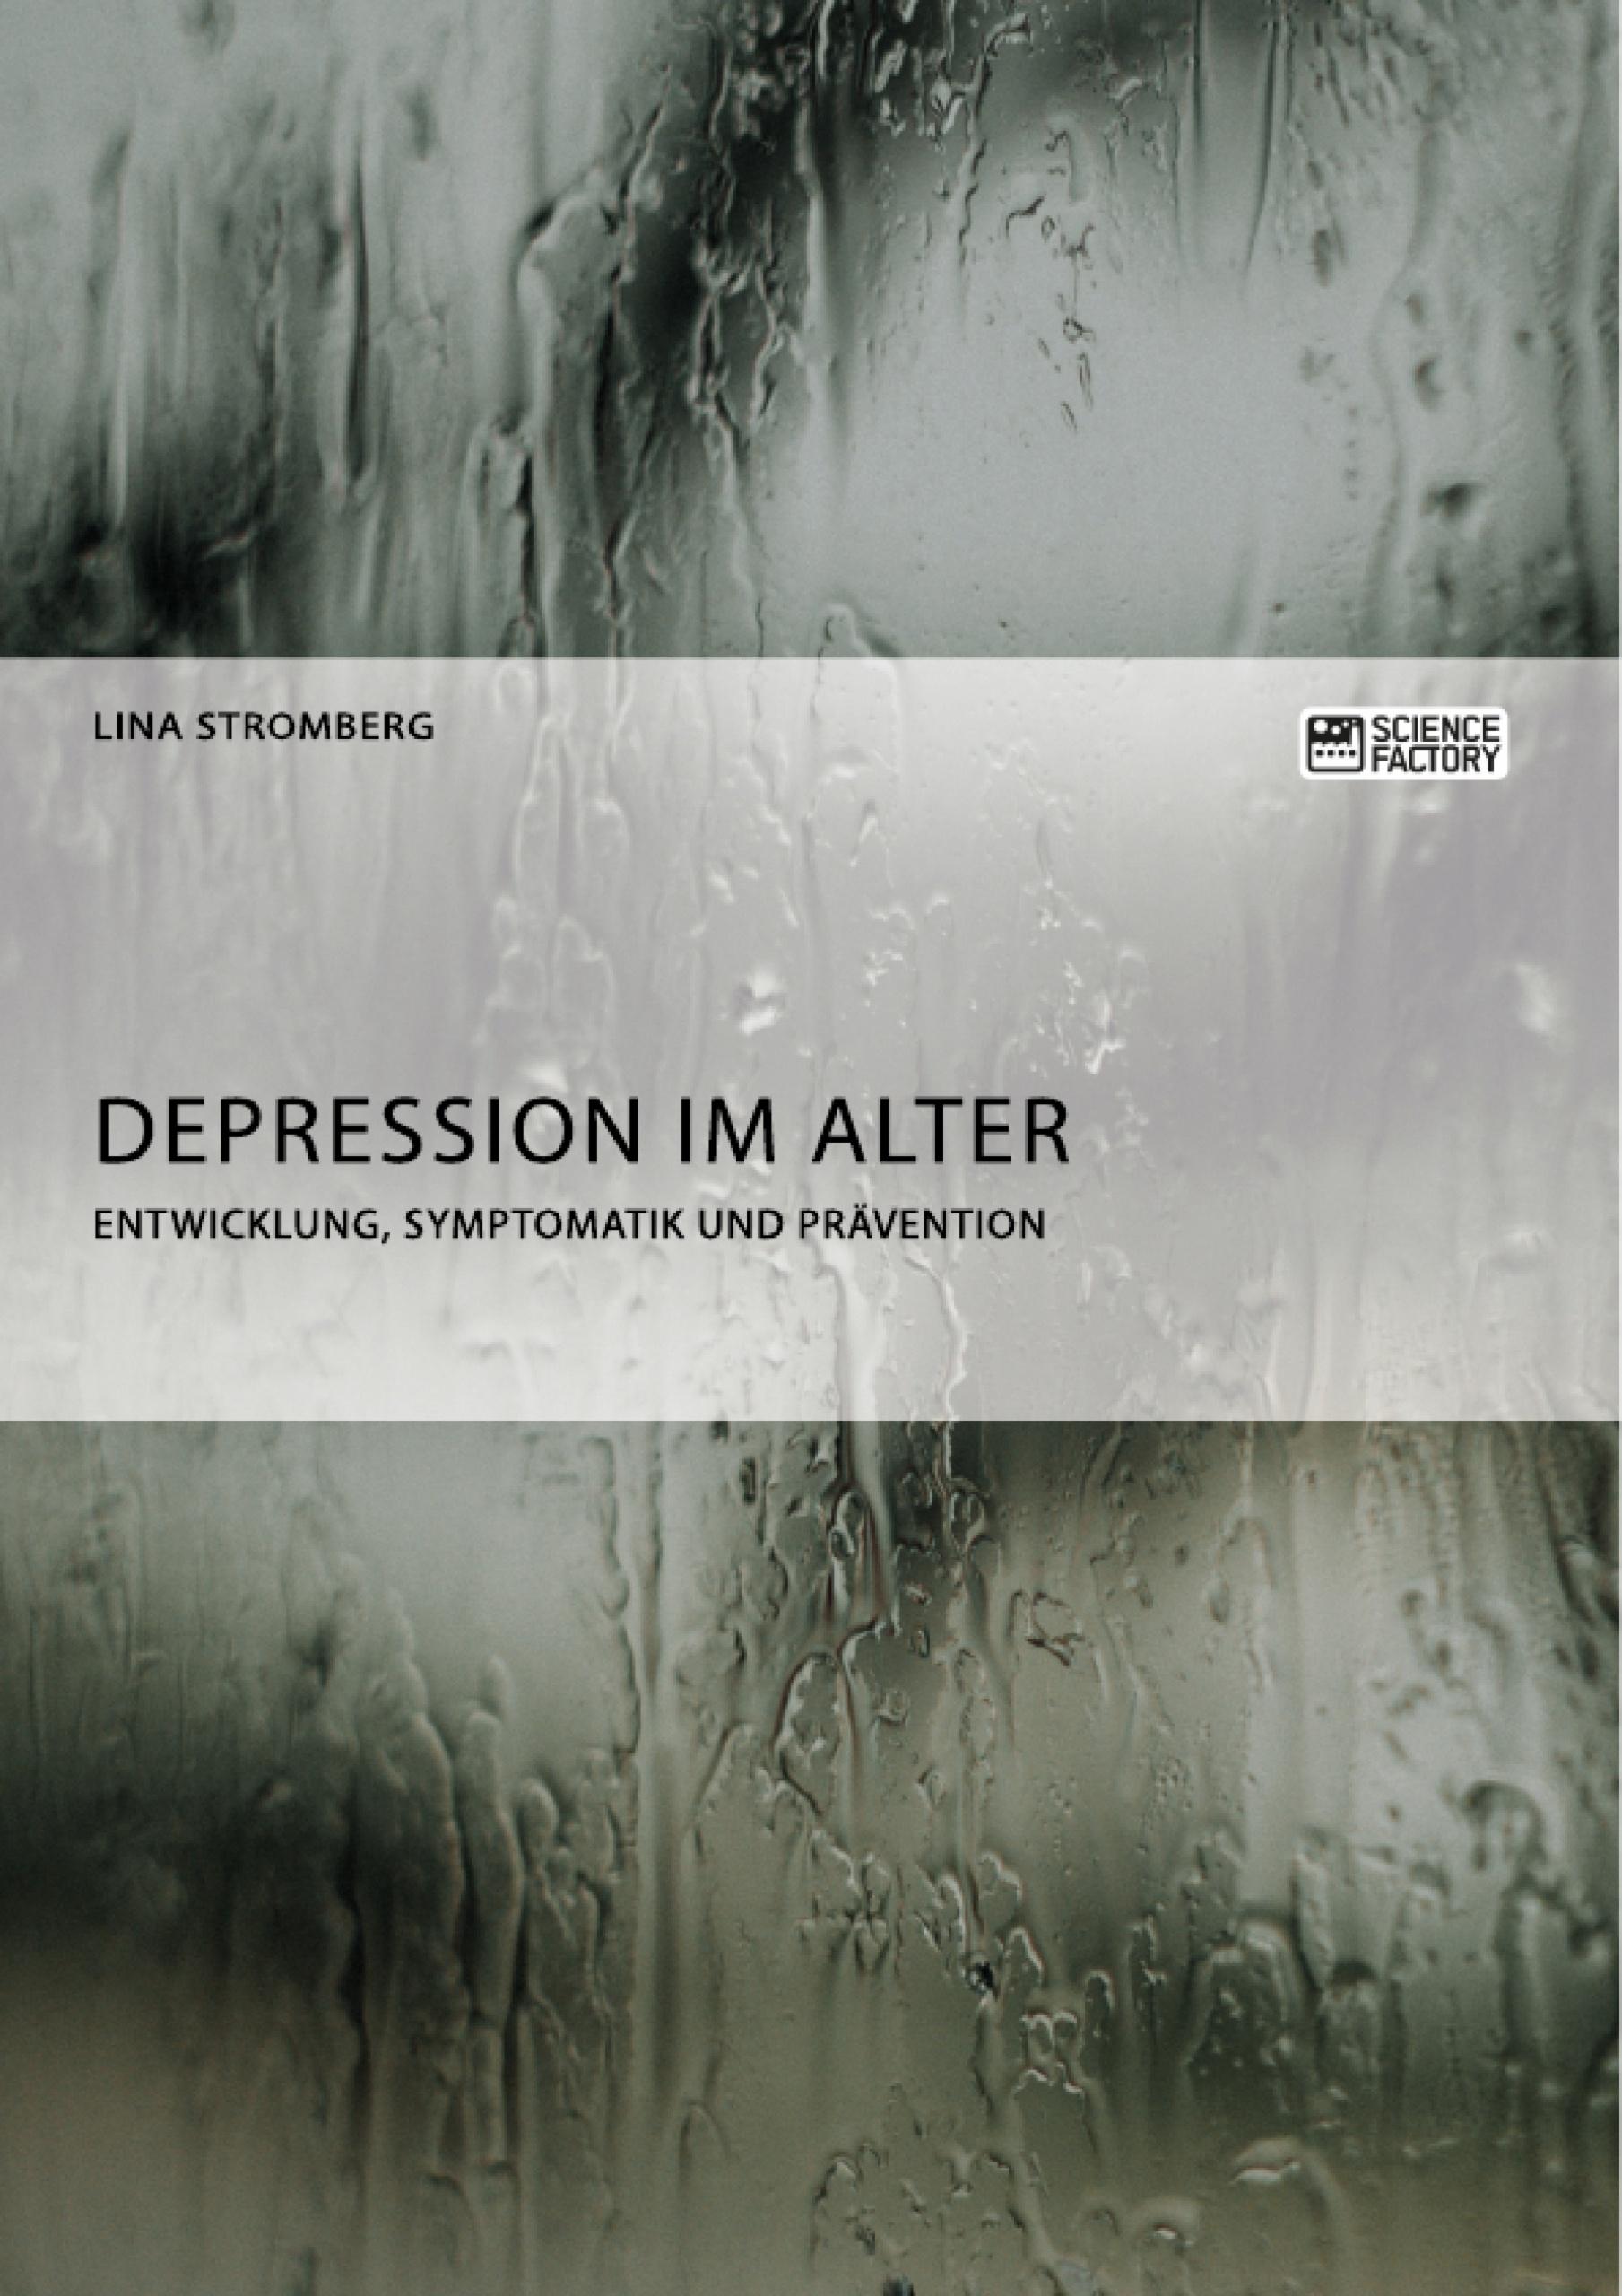 Depression Im Alter Entwicklung Symptomatik Und Prävention